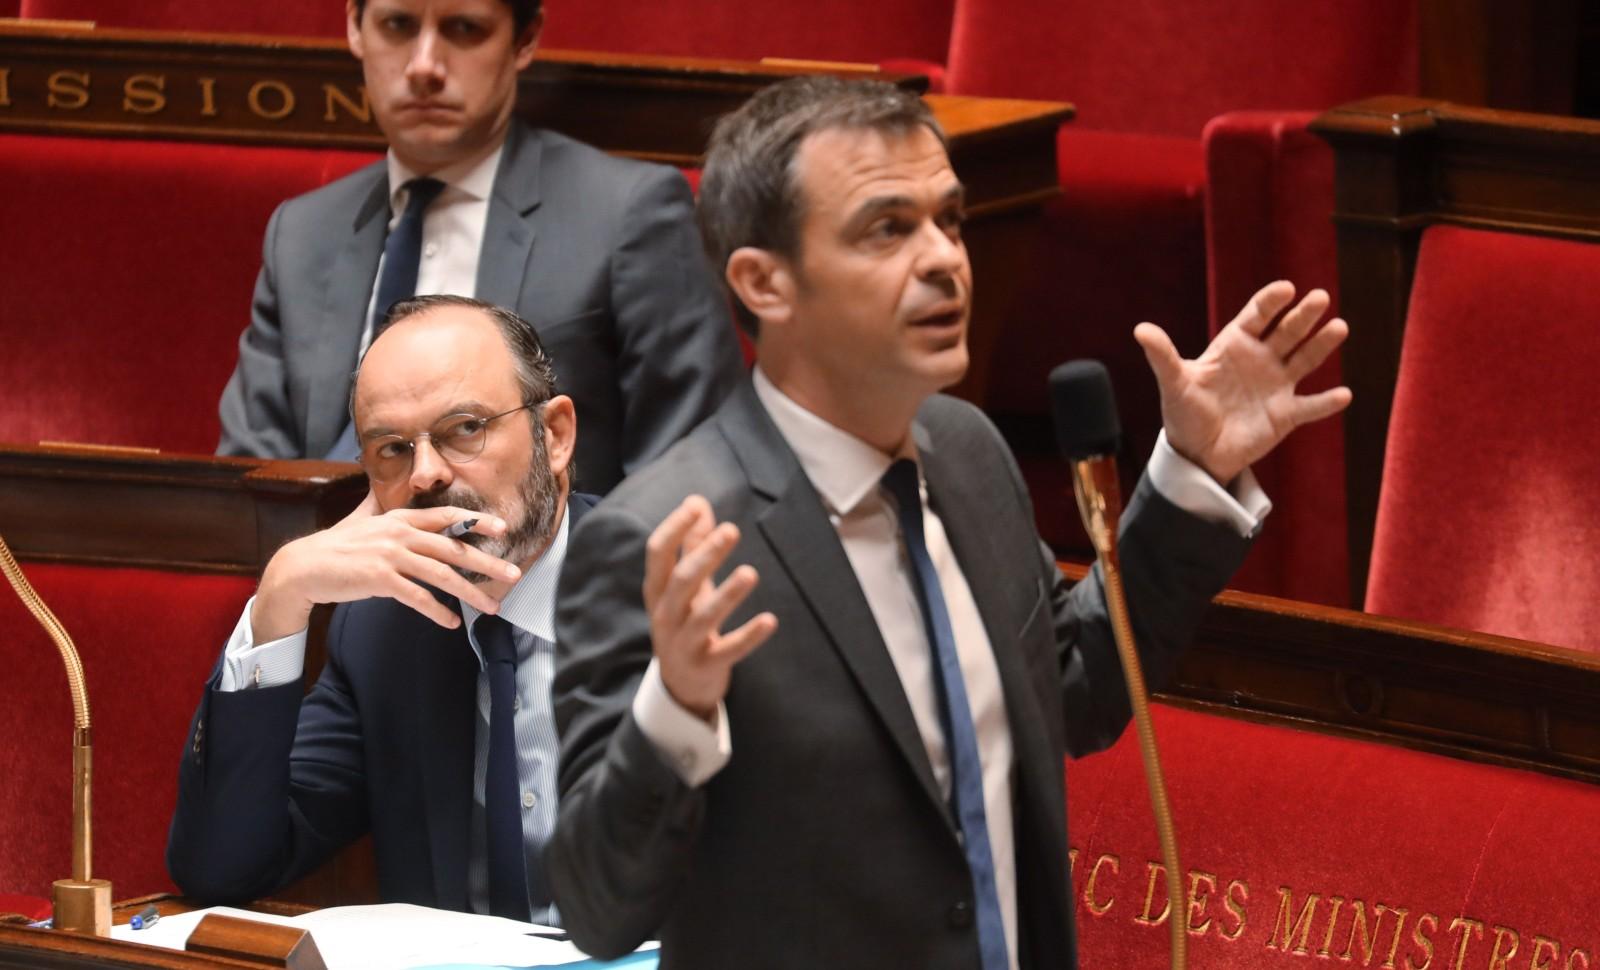 Edouard Philippe, grave, écoute le ministre de la Santé Olivier Veran à l'Assemblée nationale le 19 mars 2020 © LUDOVIC MARIN-POOL/SIPA  Numéro de reportage  : 00950681_000013